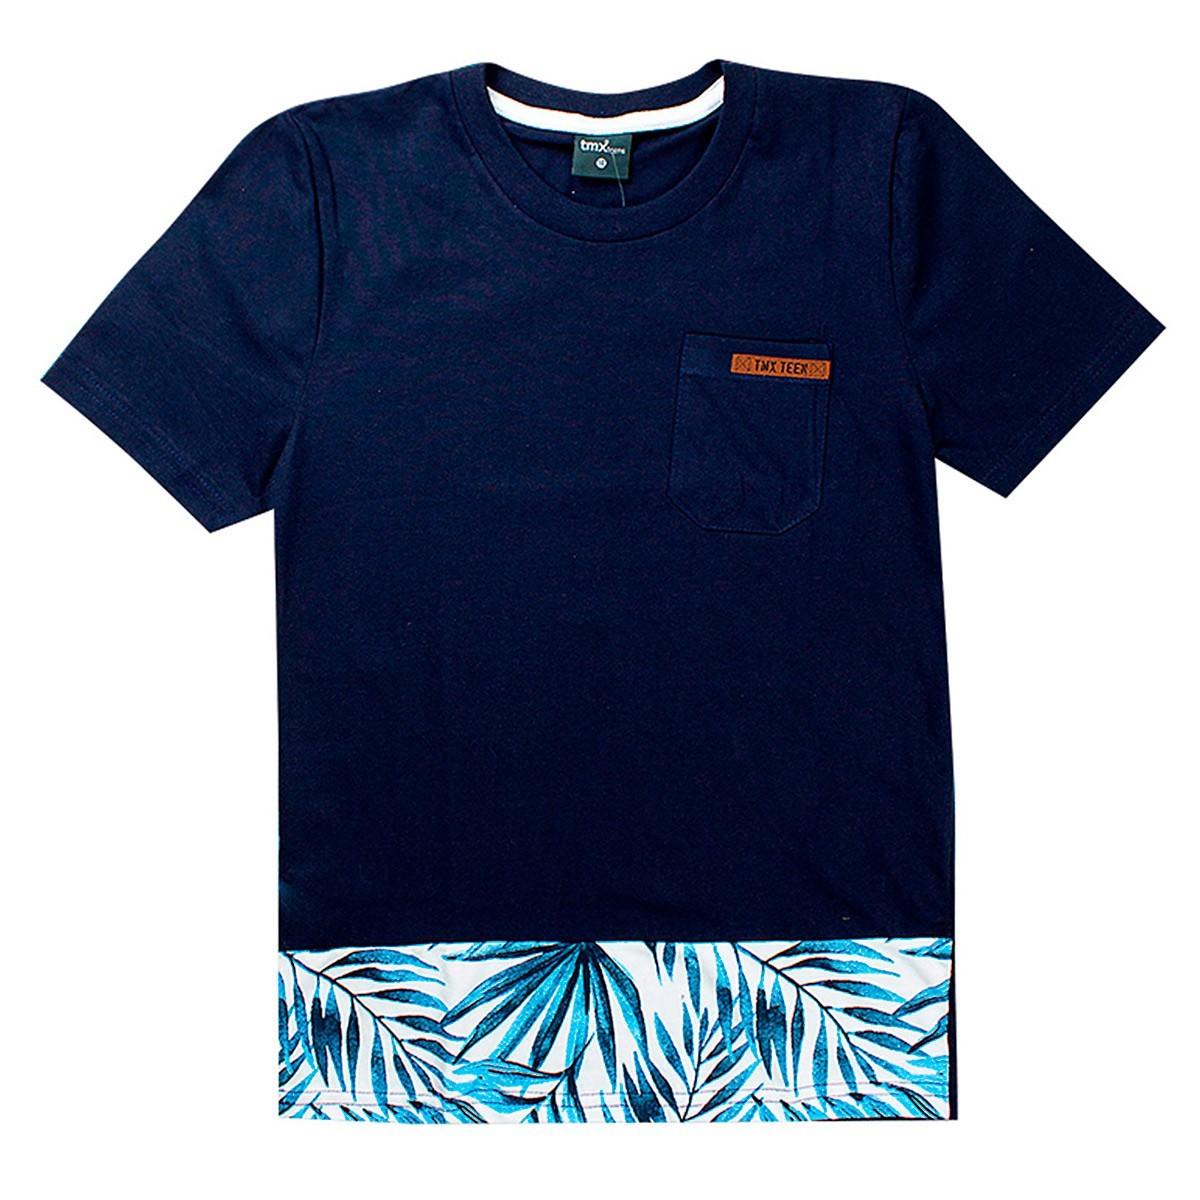 Camiseta Infantil Menino Estampada Floral Marinho - TMX